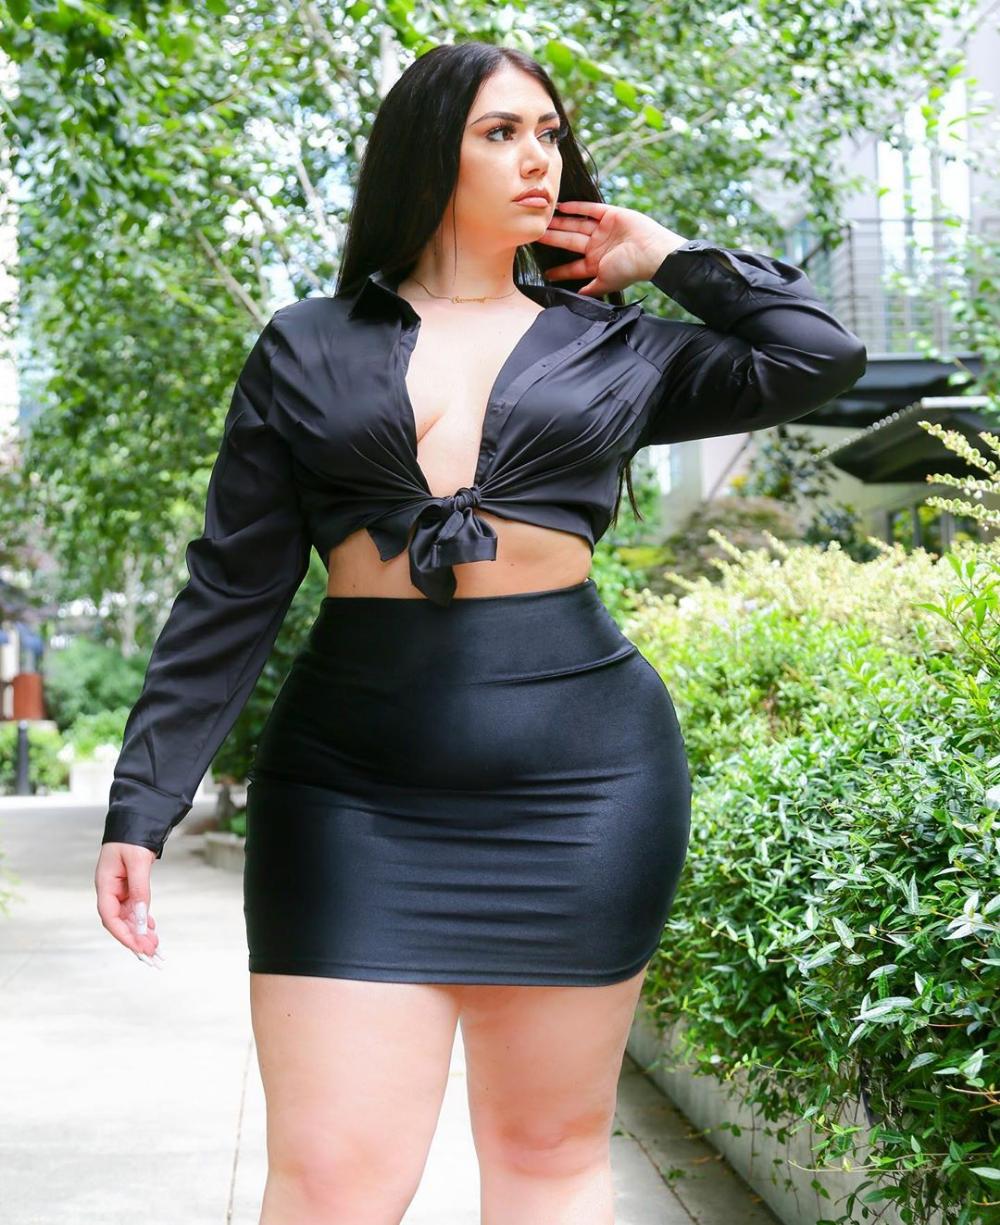 5 Black Curvy Summer Fashionnova Outfits - SAMMYY02K ...